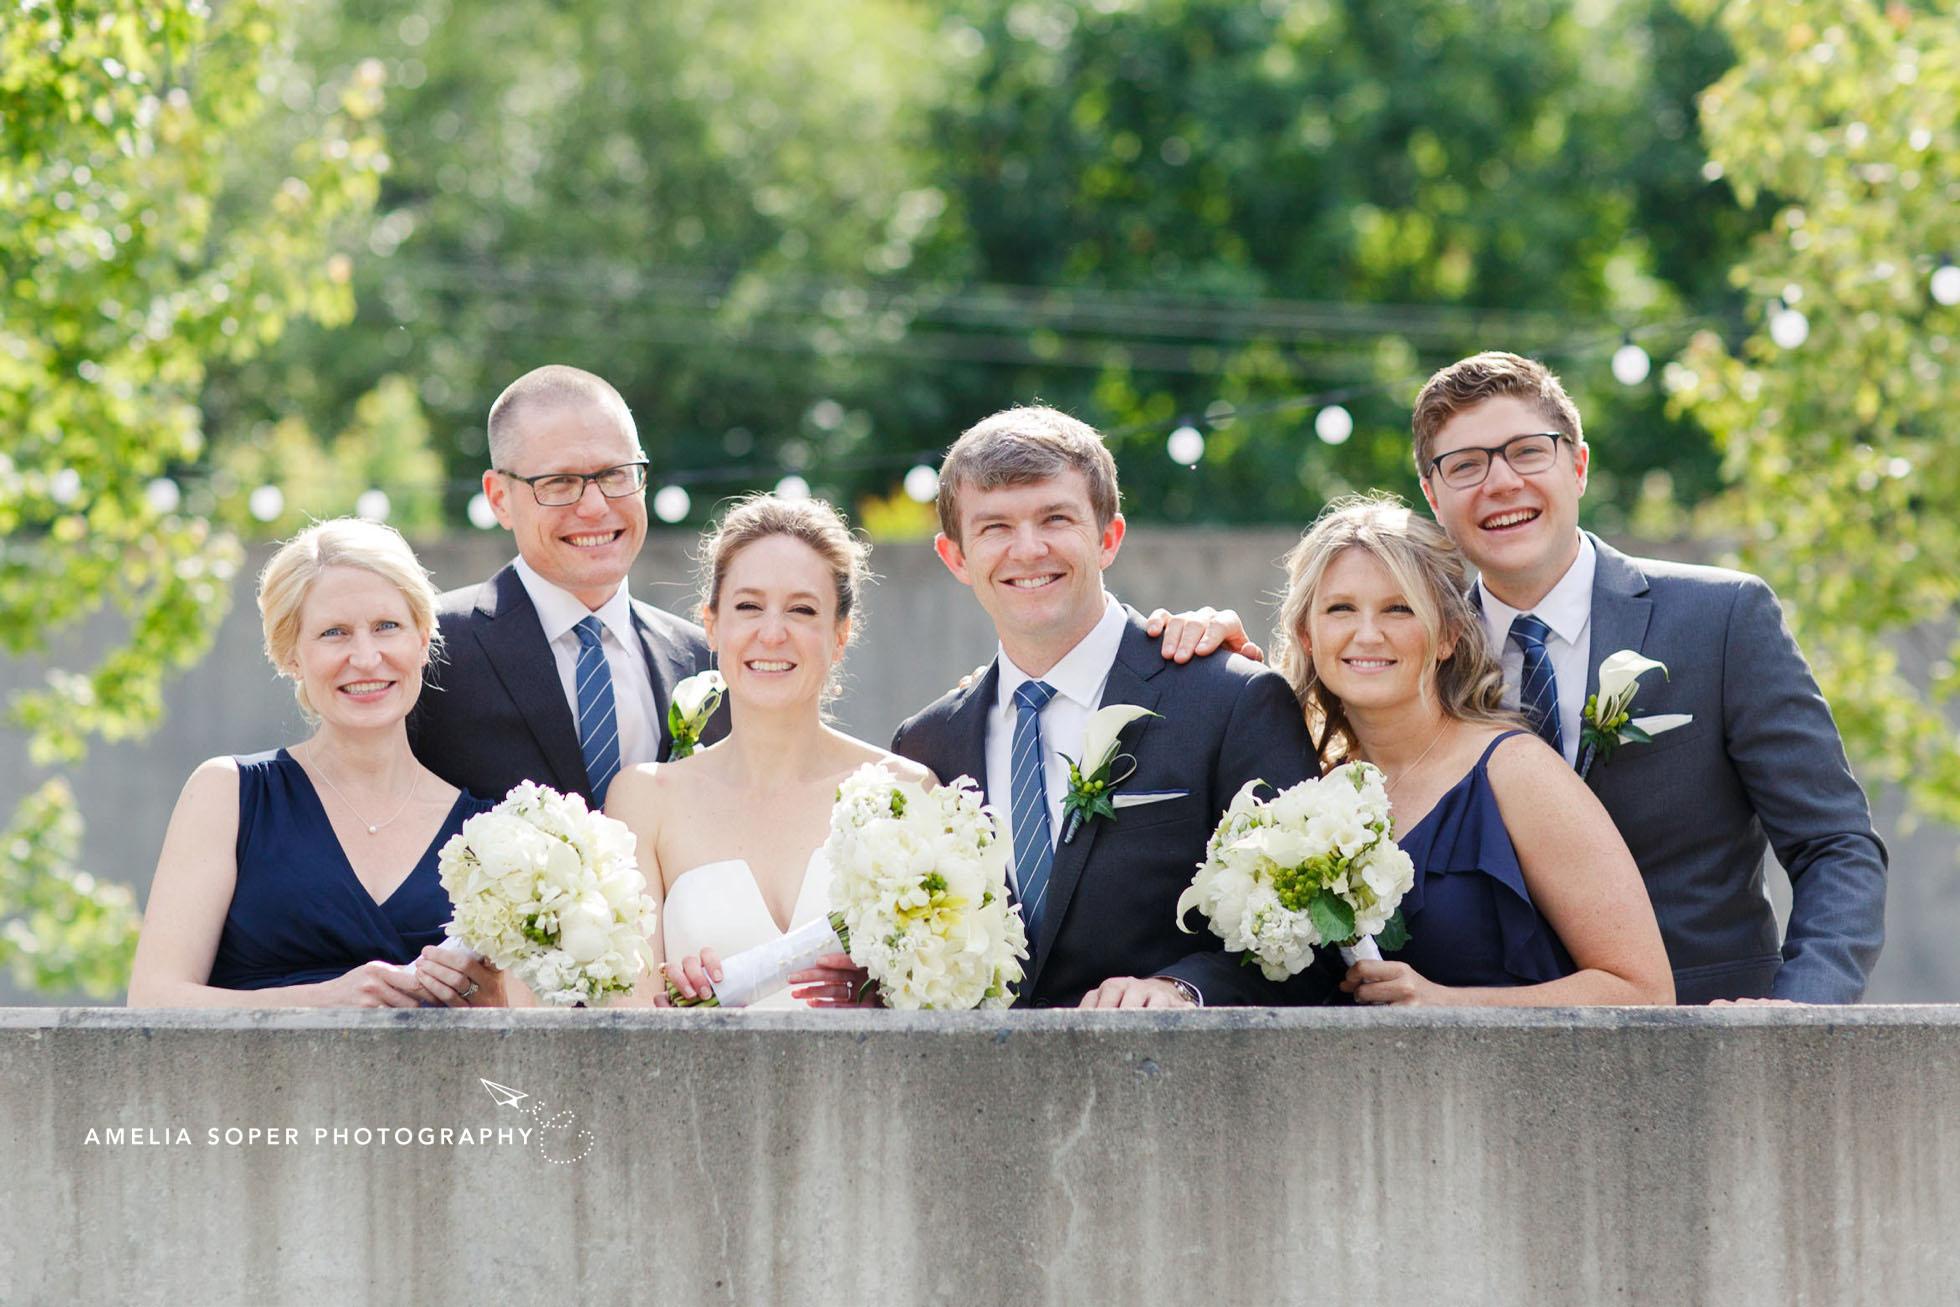 Januik Winery Wedding - Amelia Soper Photography